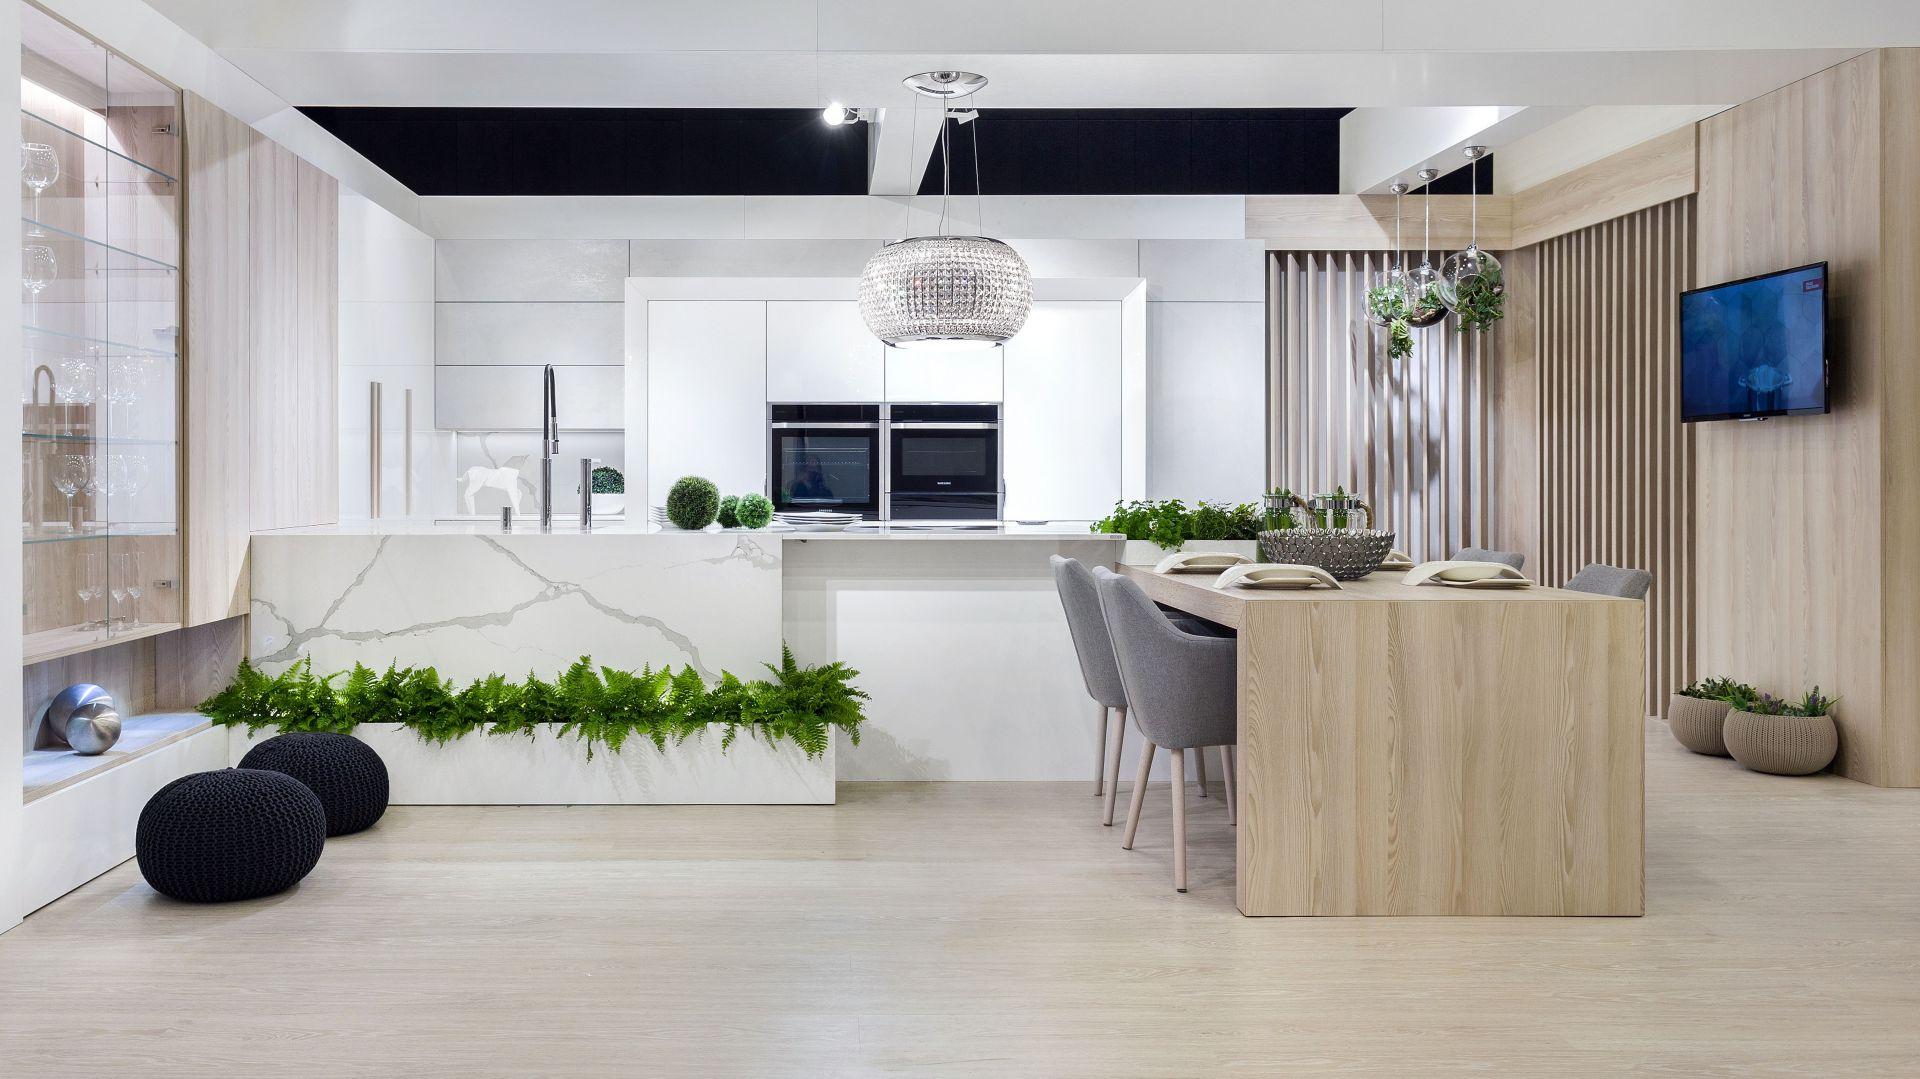 Kuchnia Stone zachwyca przemyślaną kompozycją, dyskretnym połączeniem najwyższej jakości materiałów oraz subtelnością stylowych dodatków. Fot. Vigo